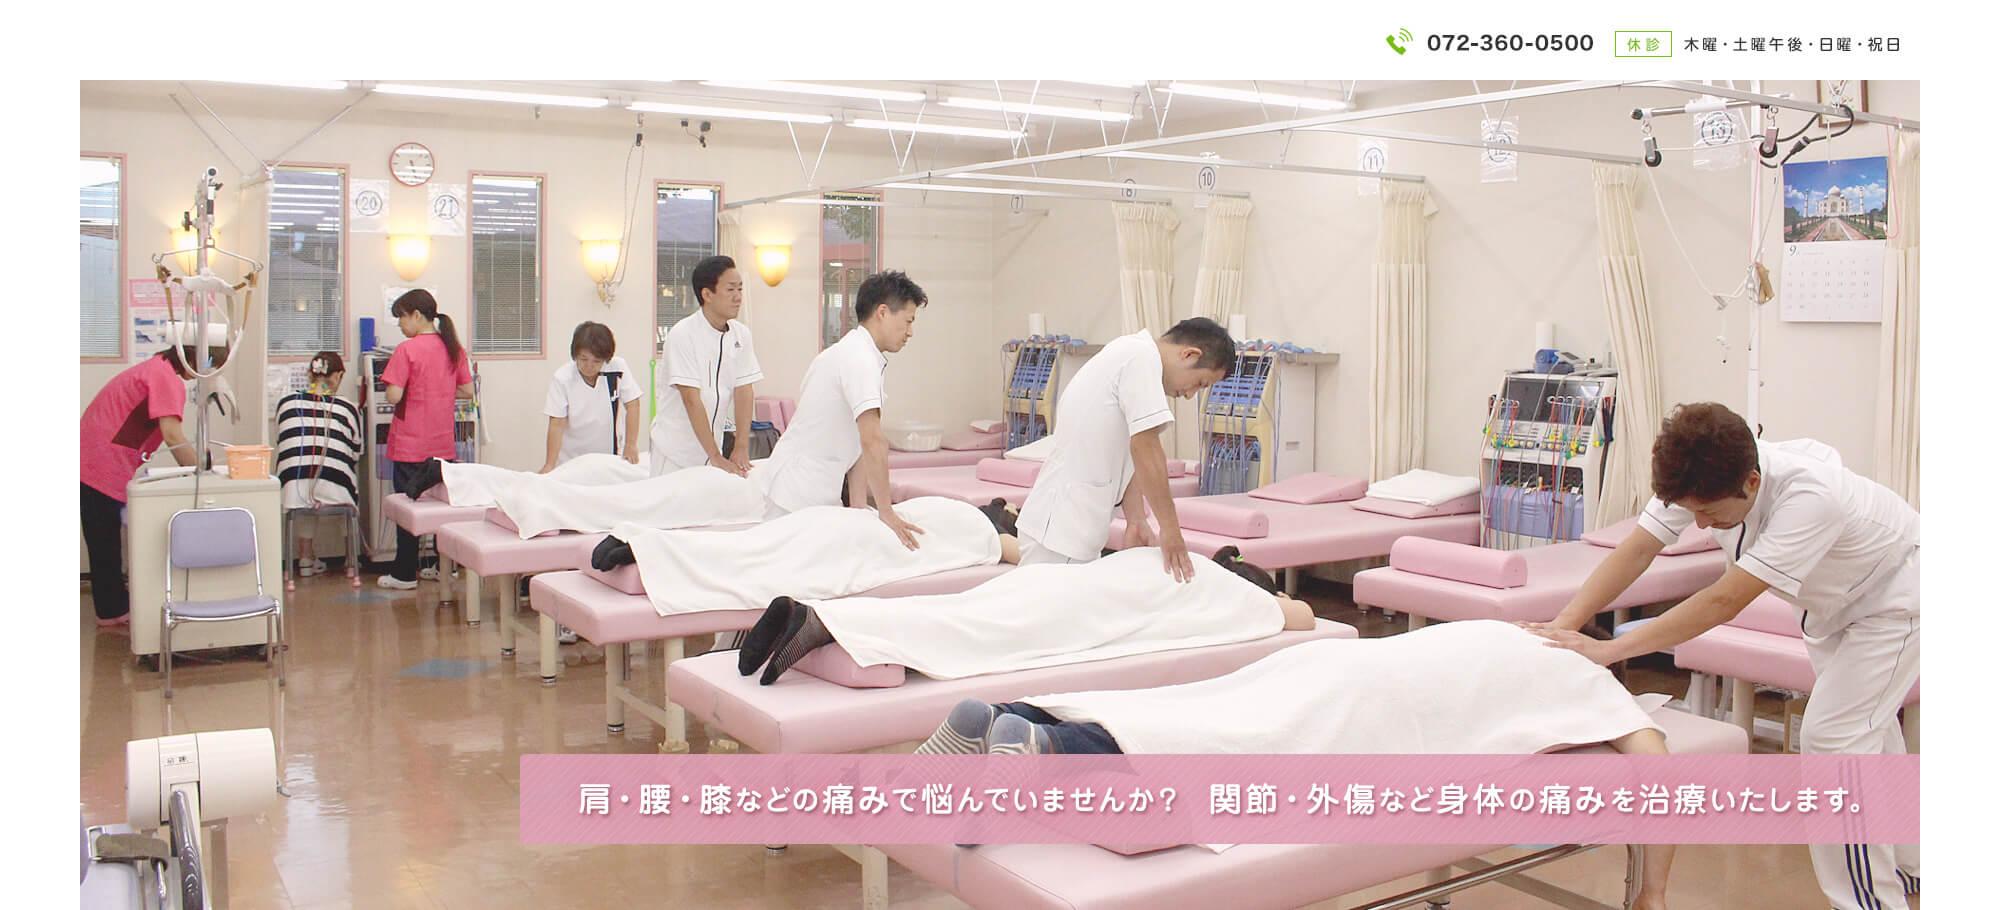 肩・腰・膝などの痛みで悩んでいませんか?関節・外傷など身体の痛みを治療いたします。